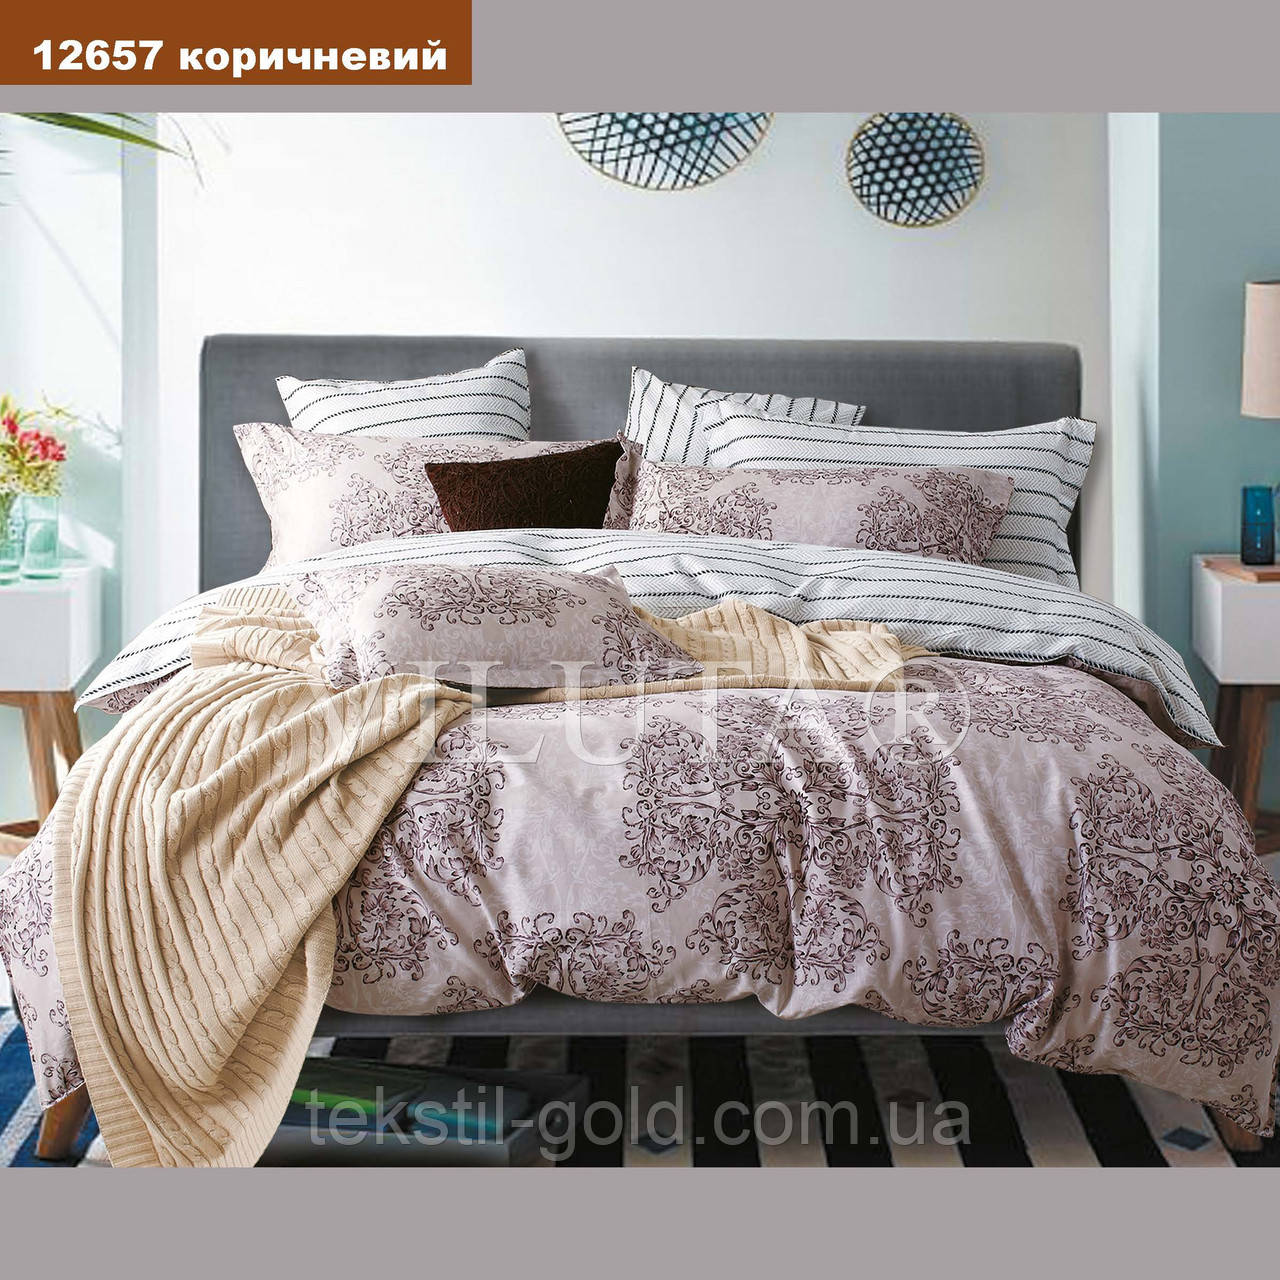 Евро комплект постельного белья VILUTA ранфорс-платинум 12657